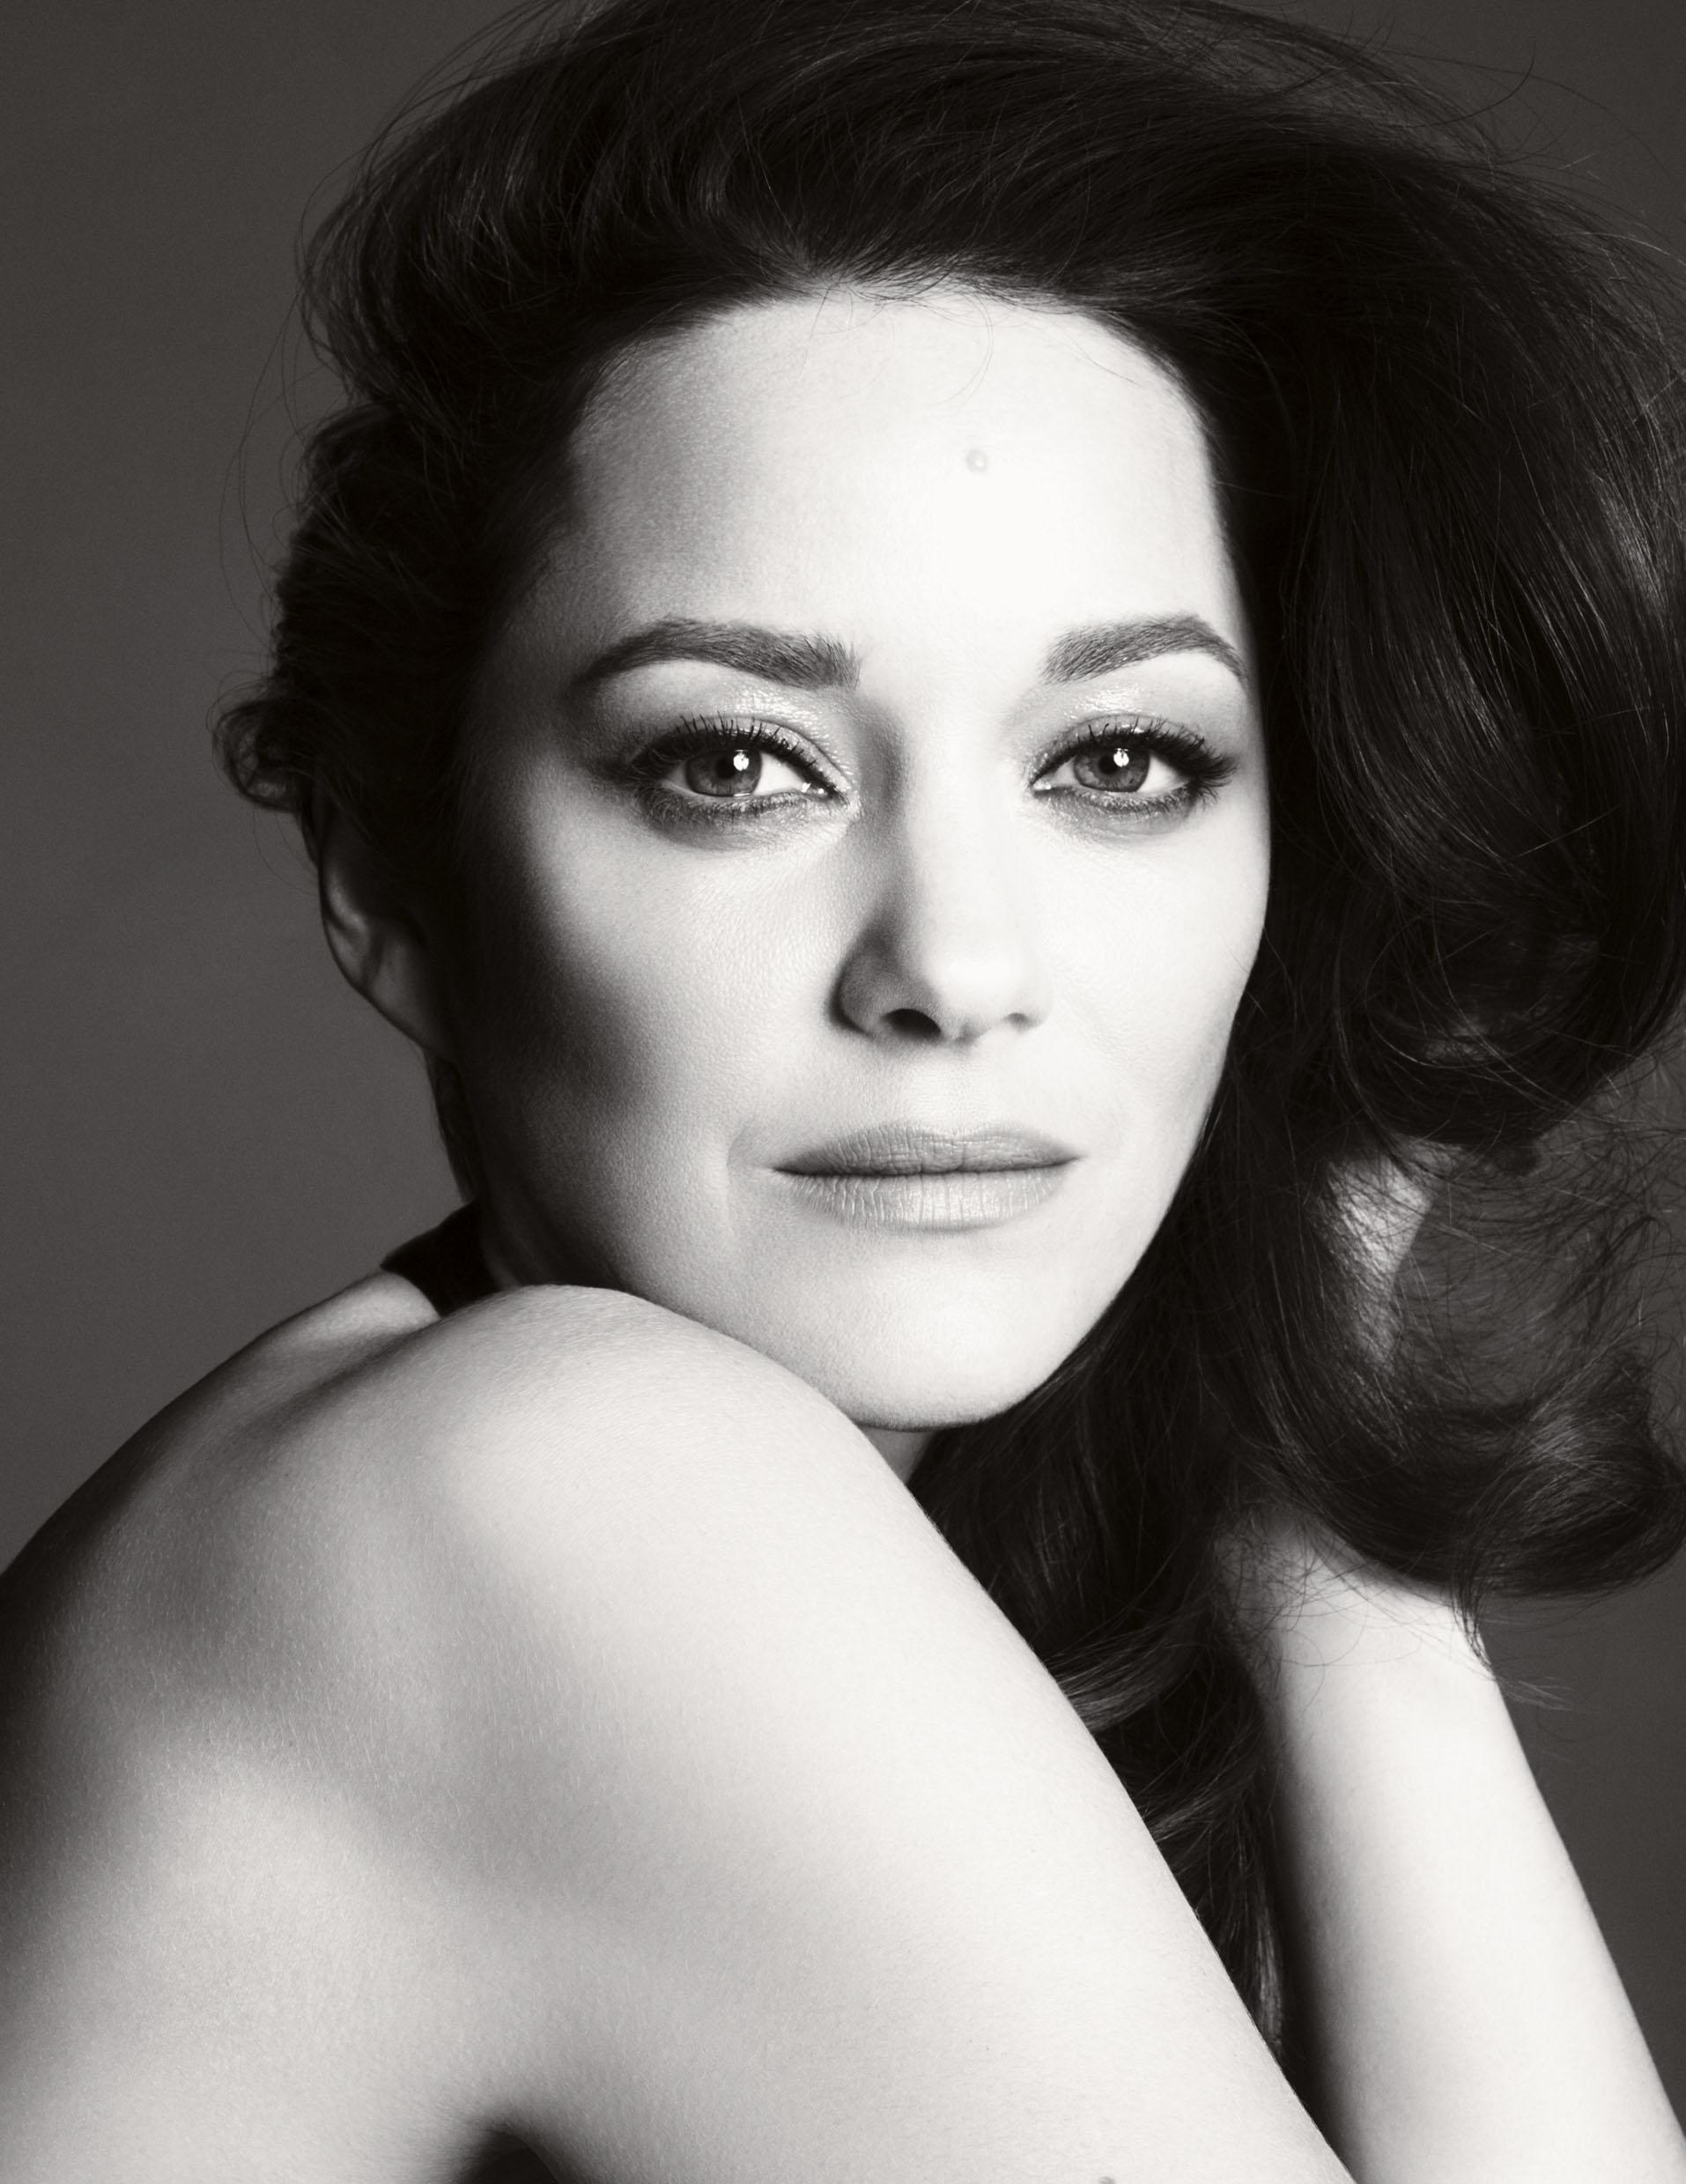 Marion Cotillard se convierte en el nuevo rostro del perfume Chanel nº 5